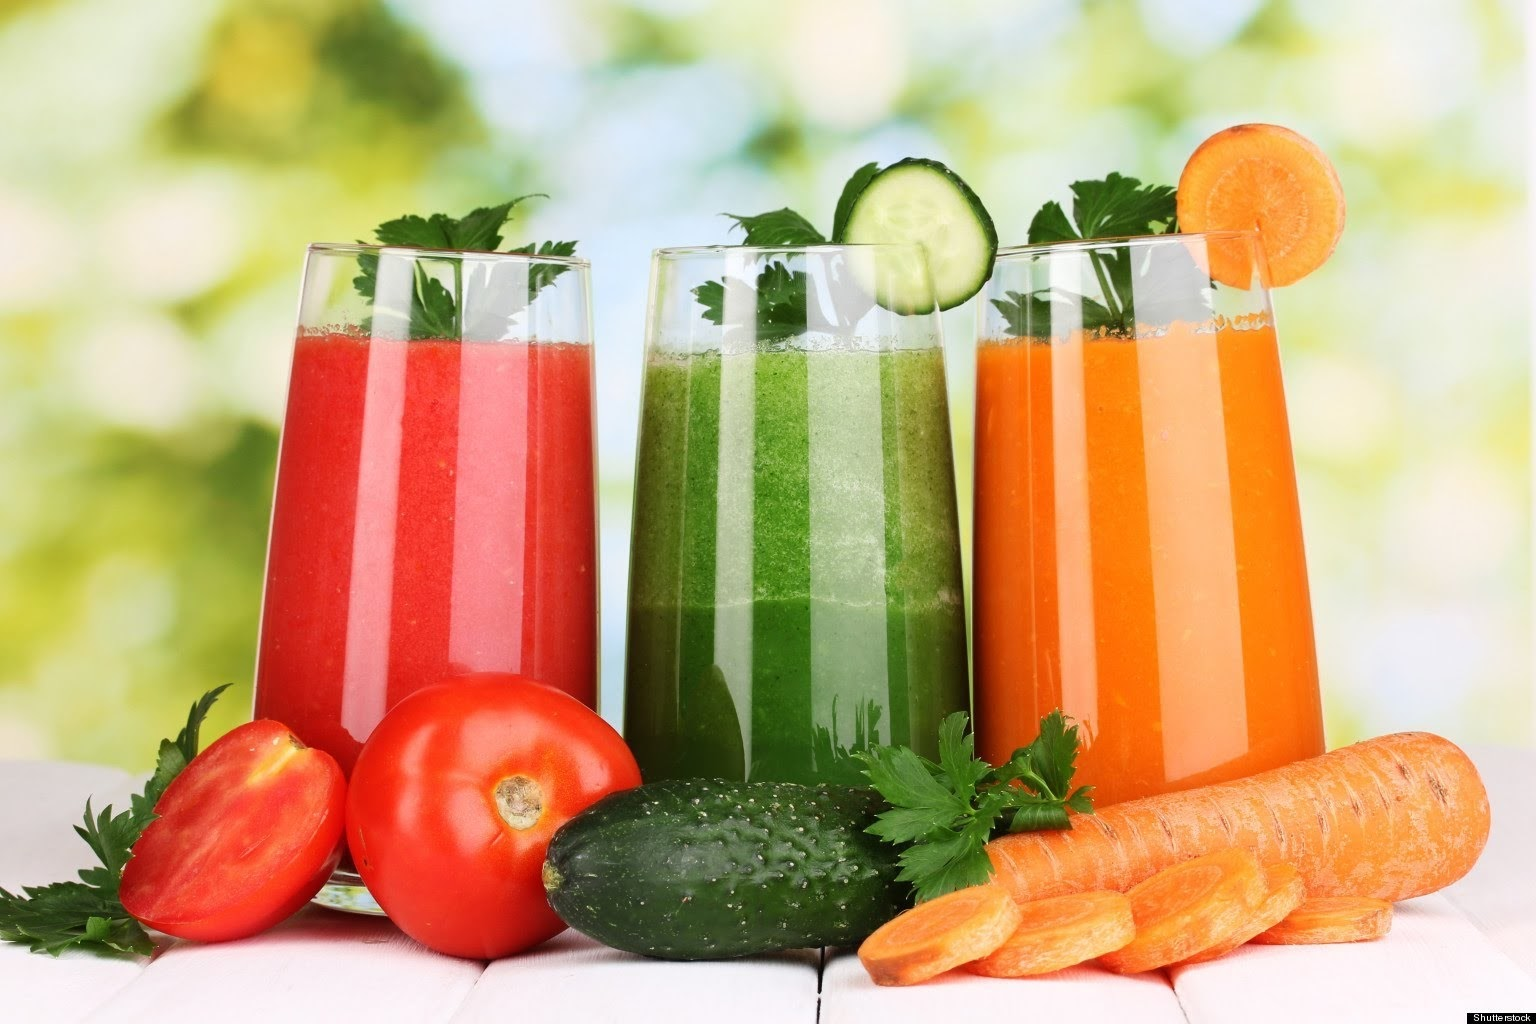 Những người tập yoga gạch có thể dùng 1 ly nước ép hoa quả sau mỗi buổi tập